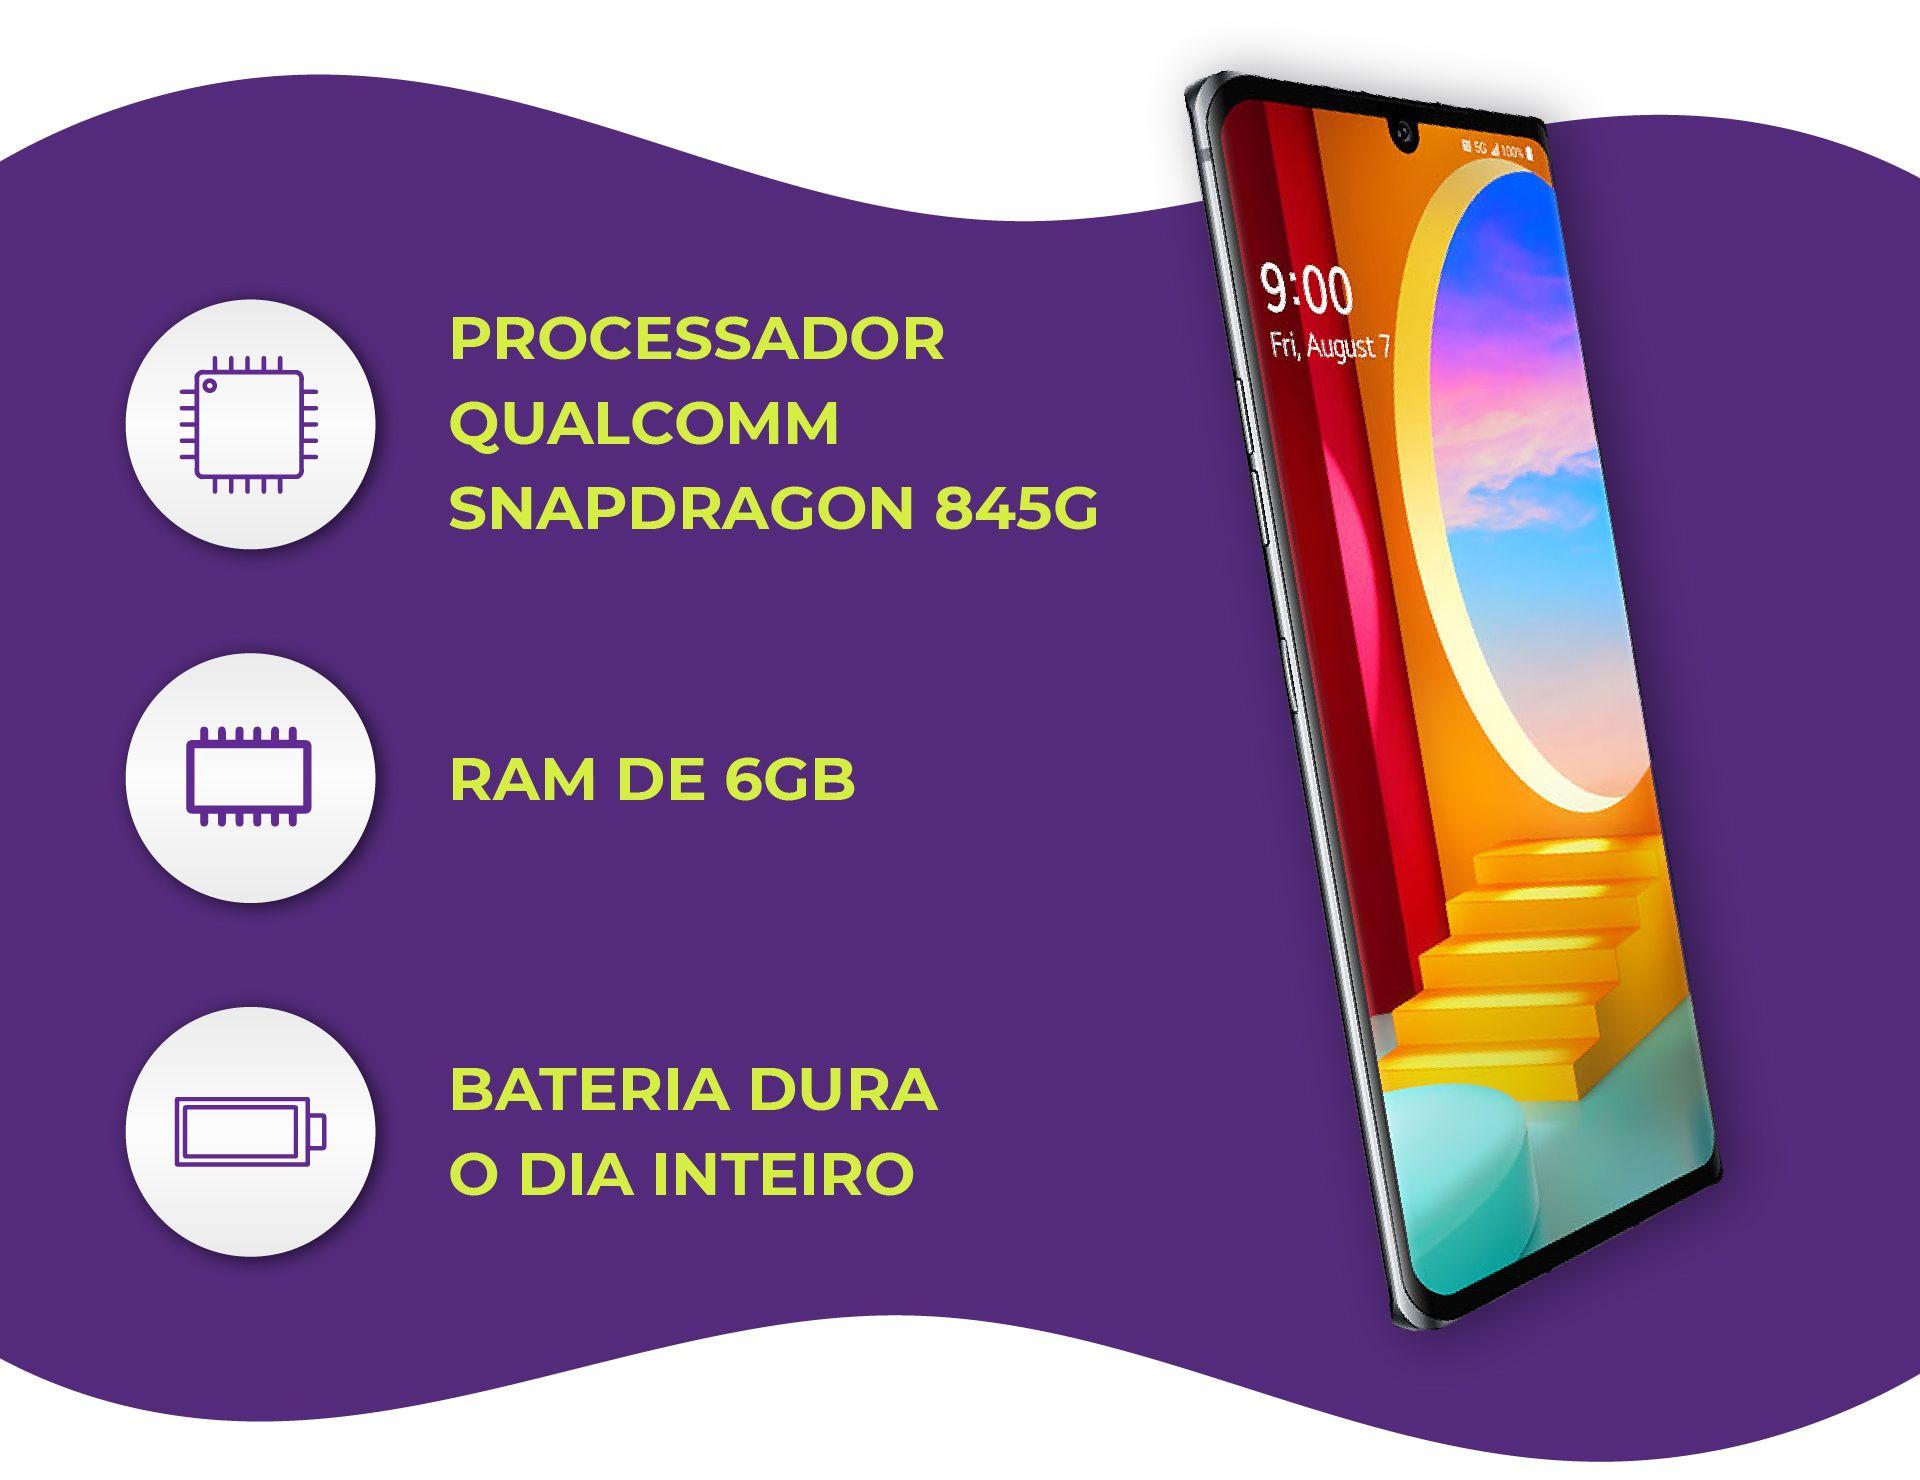 O processador Snapdragon 845G e os 6 GB de memória RAM garantem um ótimo desempenho (Foto: Divulgação/LG)